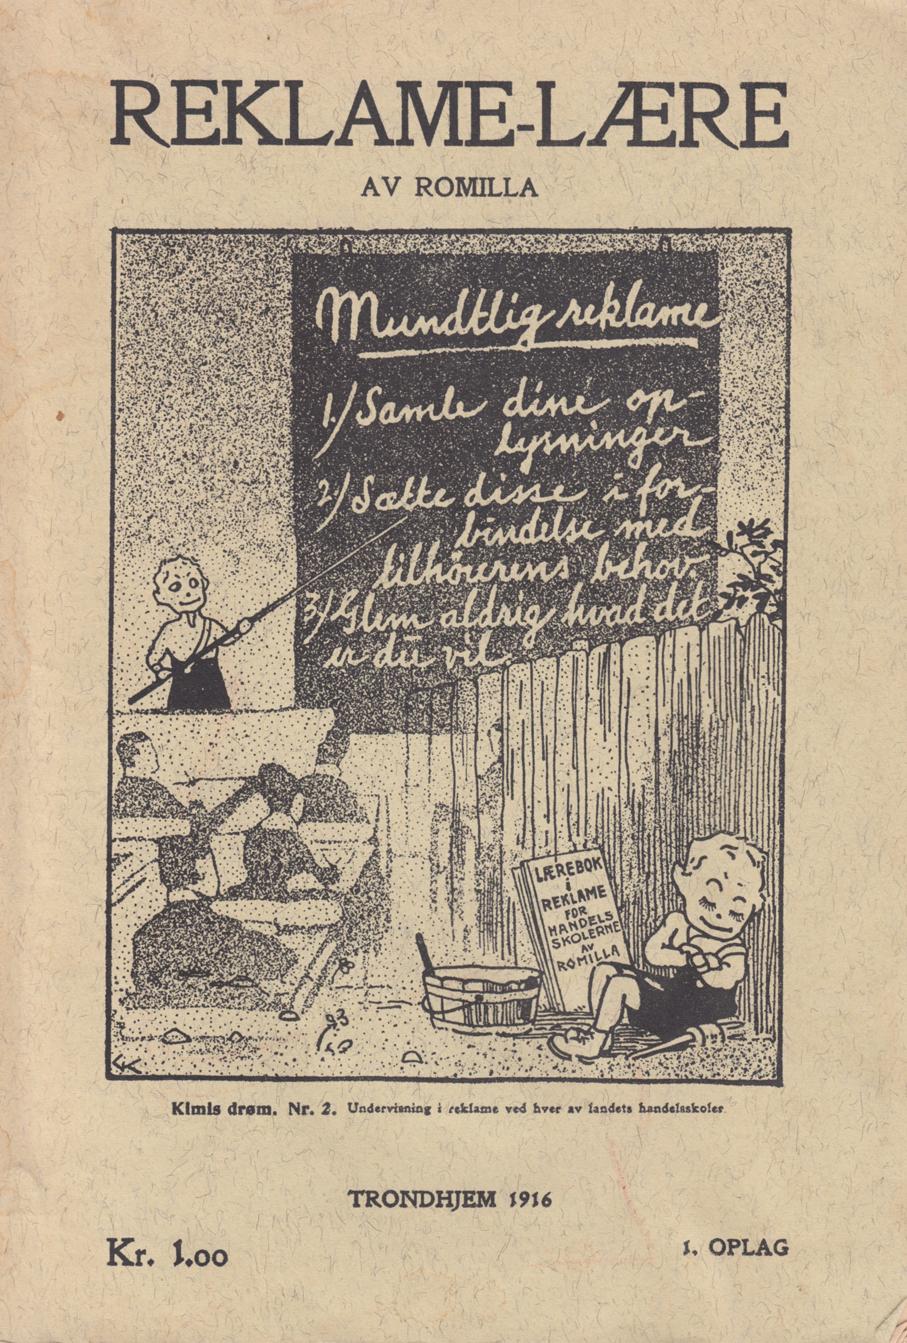 Robert Millars Reklame-lære kom i 1916. Her som faksimileutgave trykket av Adresseavisen, 1971.